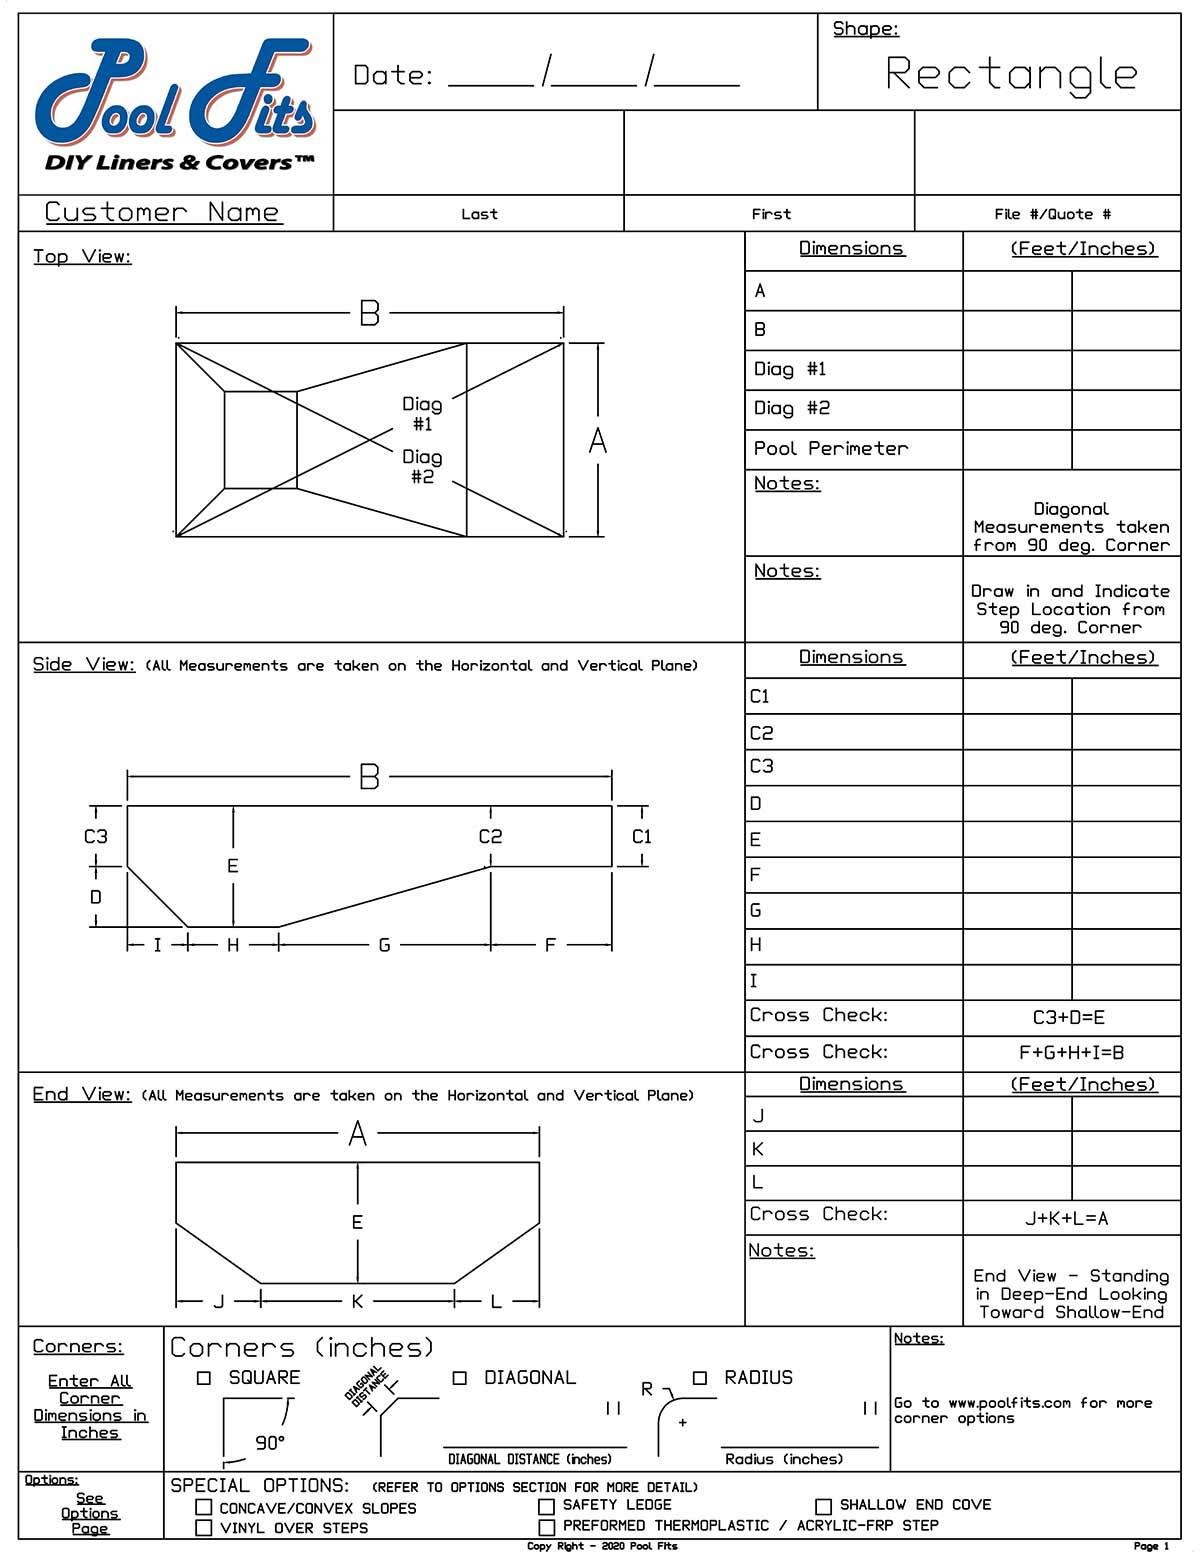 Rectangle Measurement Form